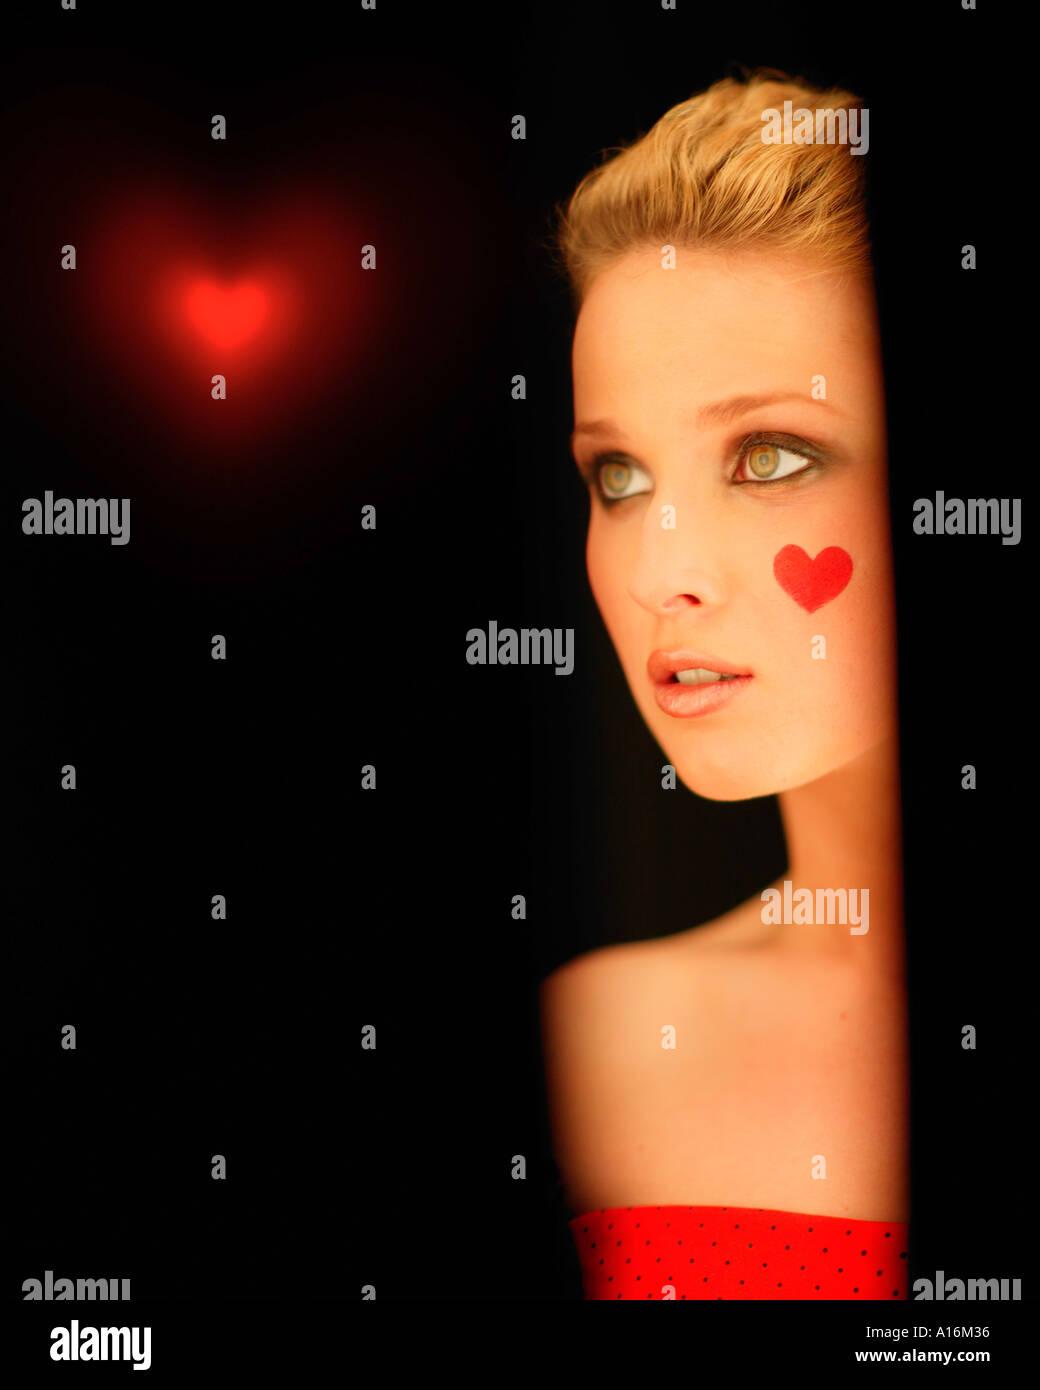 Ritratto di giovane donna 18, 19, 20-24, 24-29, 30-34, anni con cuore rosso dipinto sulla sua guancia Immagini Stock